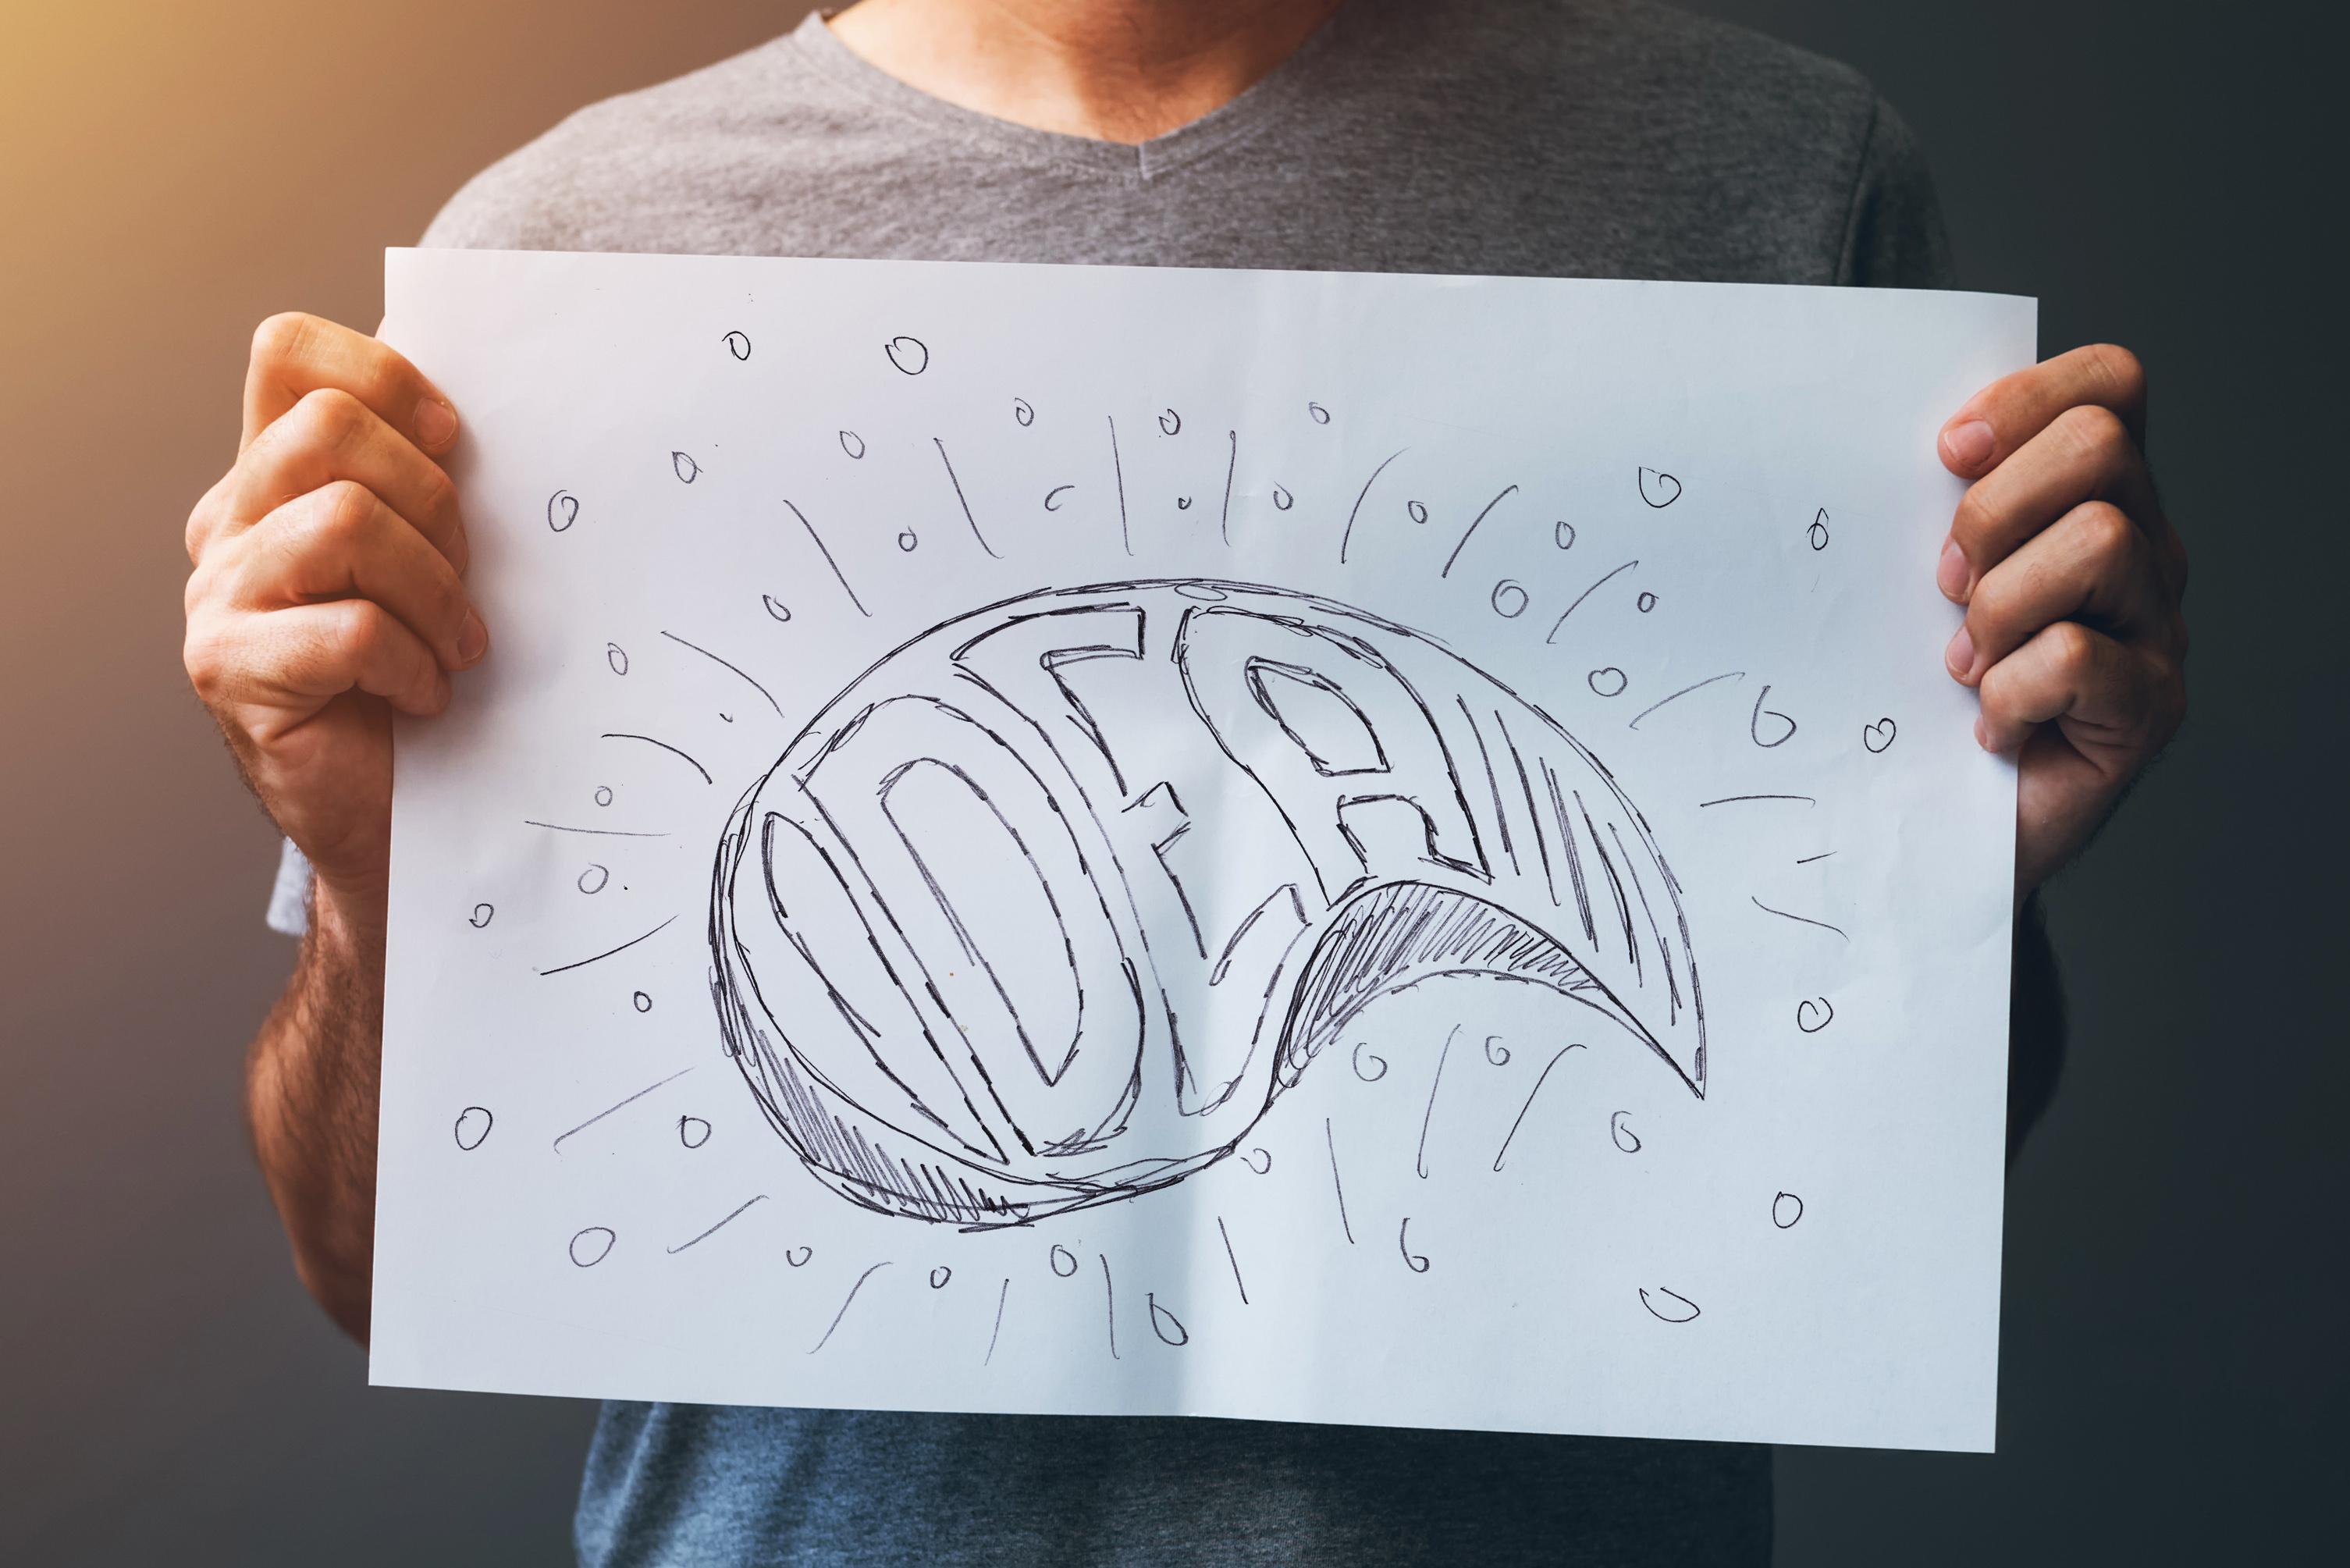 Las típicas preguntas en una entrevista laboral | Mandomedio.com